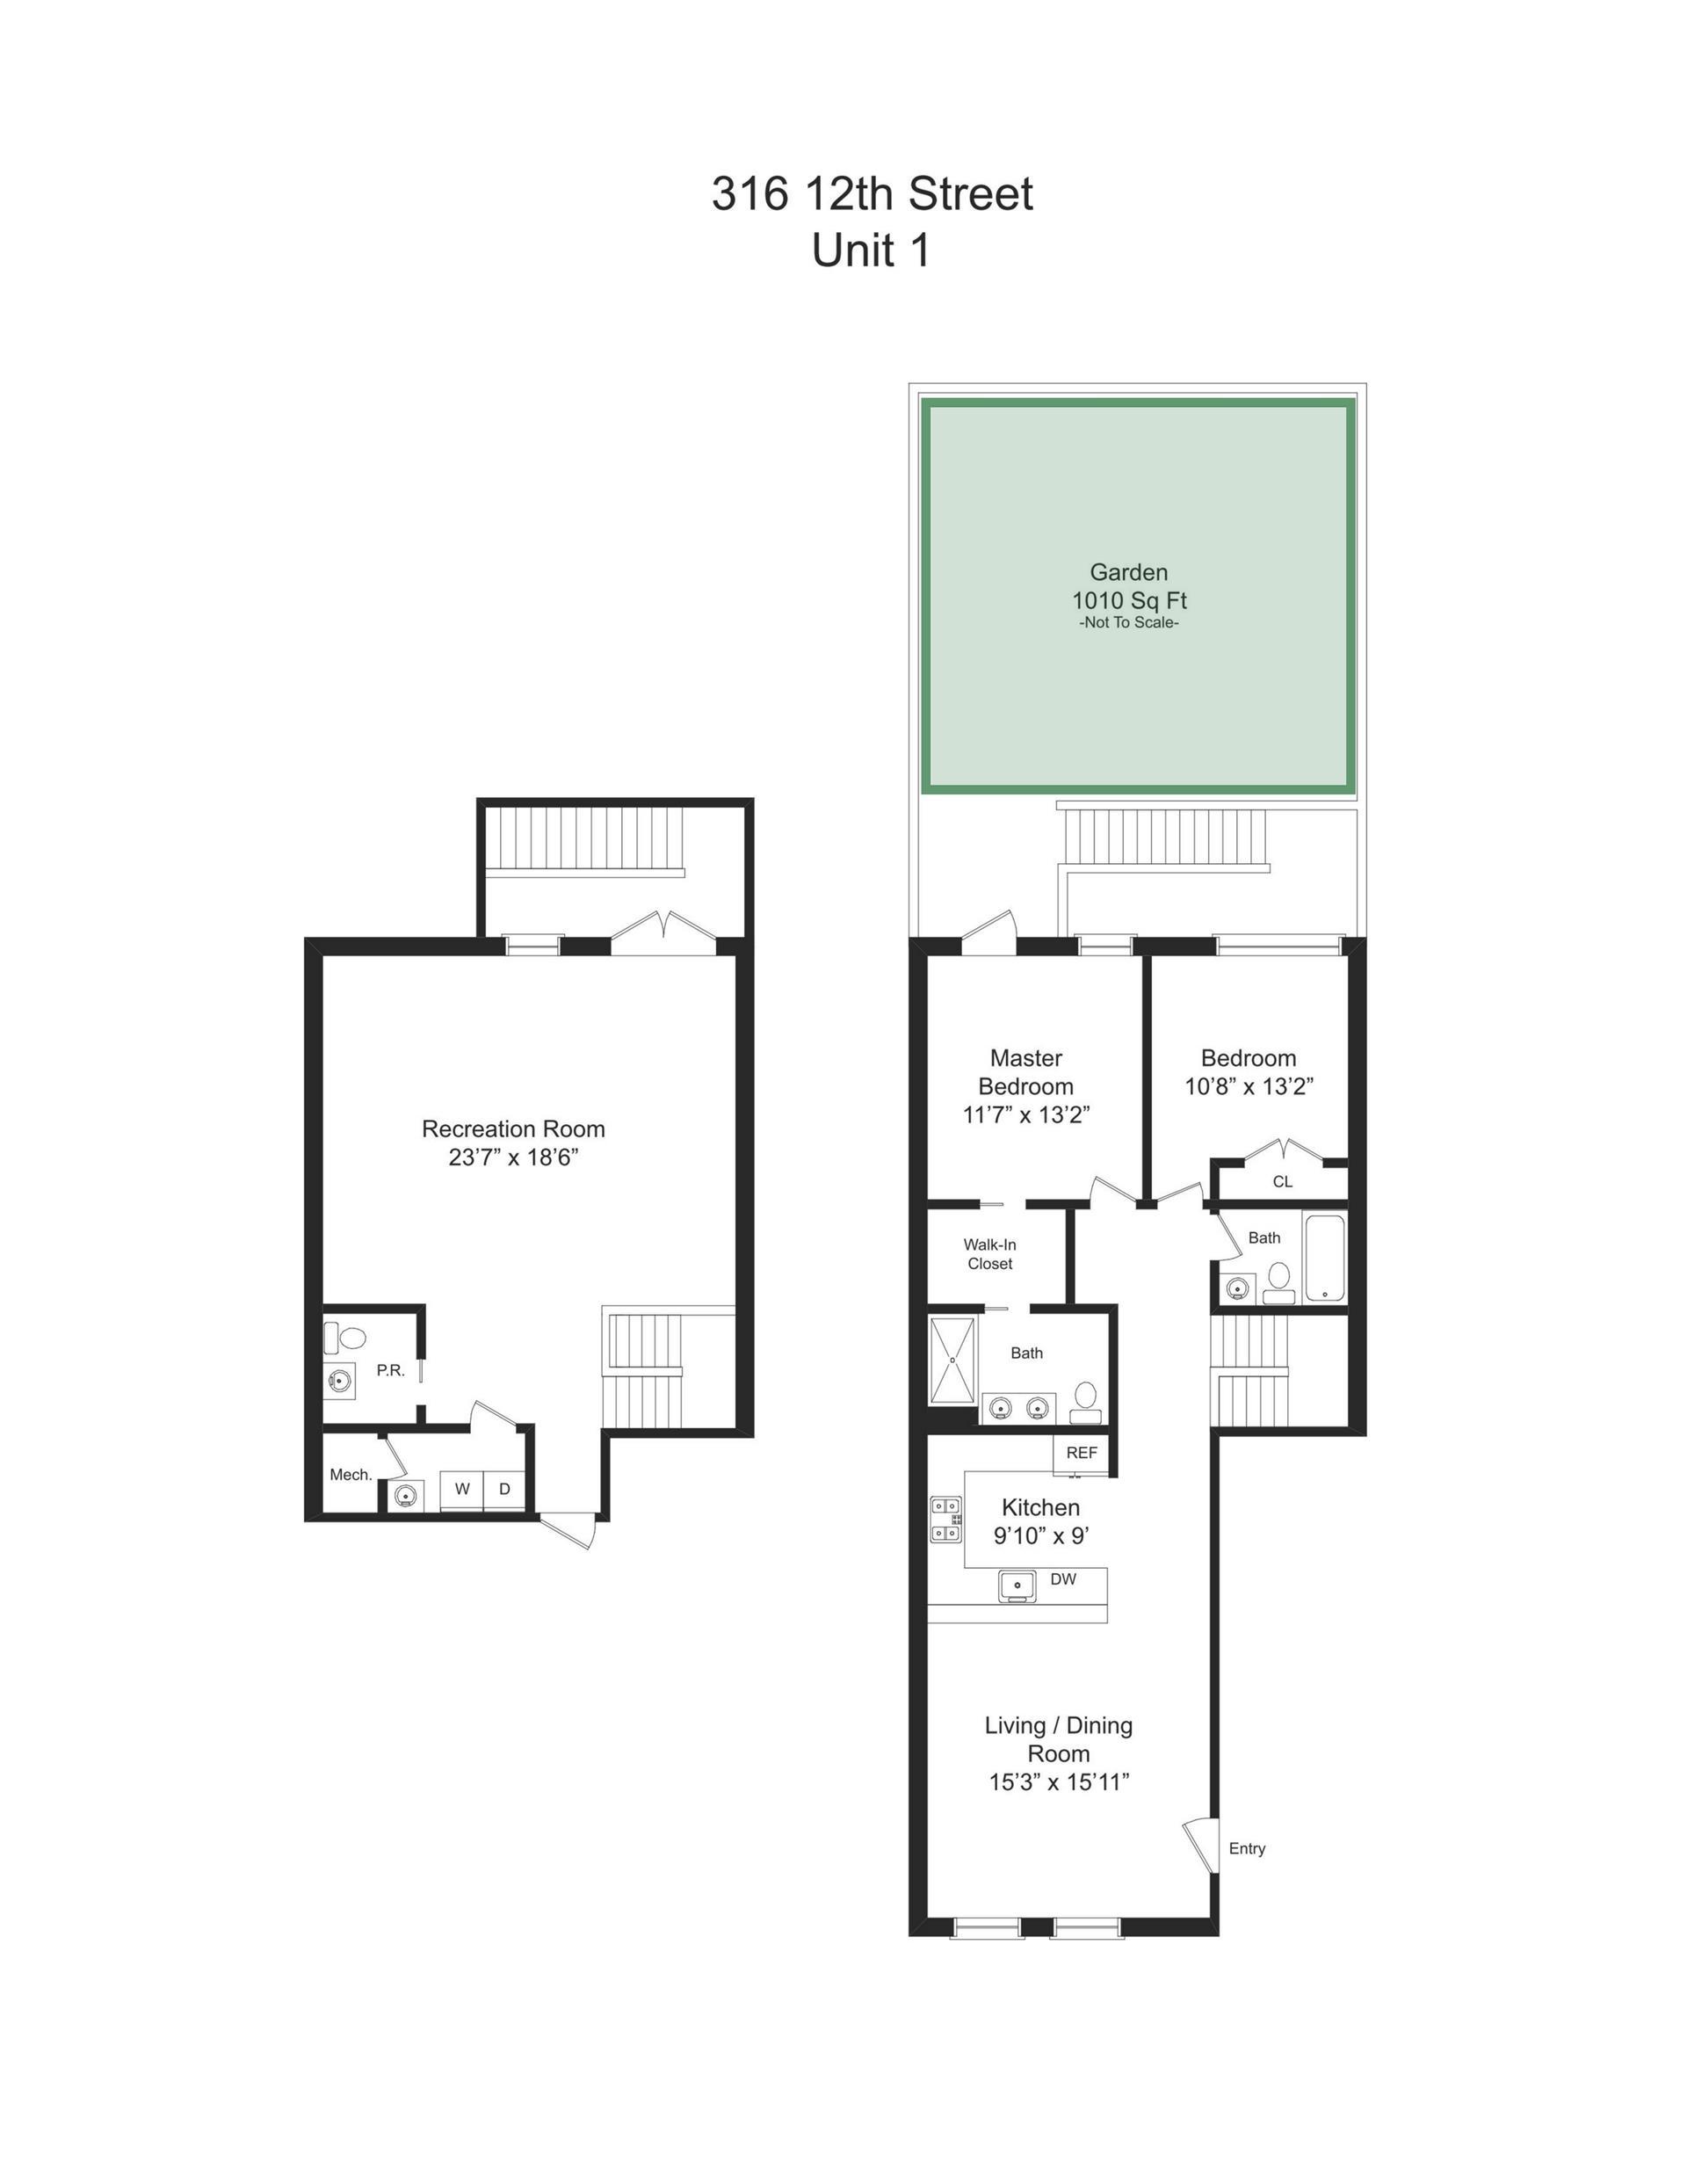 Floor plan of 316 12th St, 1 - Park Slope, New York